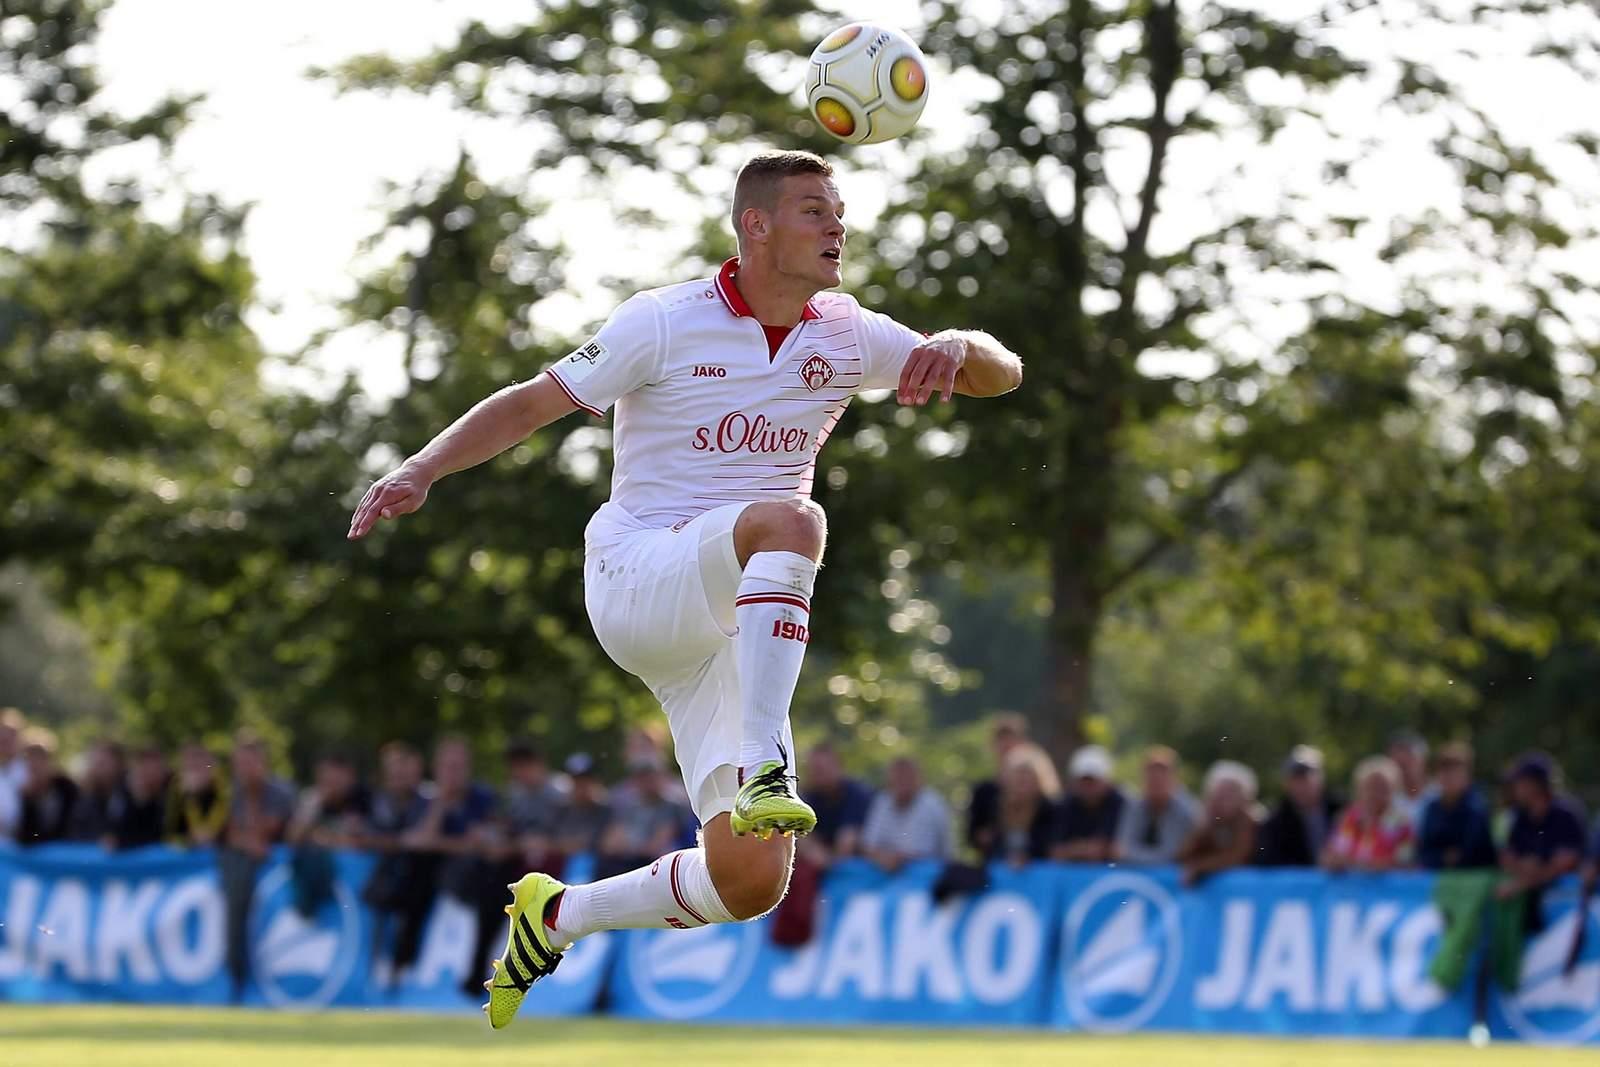 Würzburger Kickers Zwischenbilanz Der Neuzugänge 201718